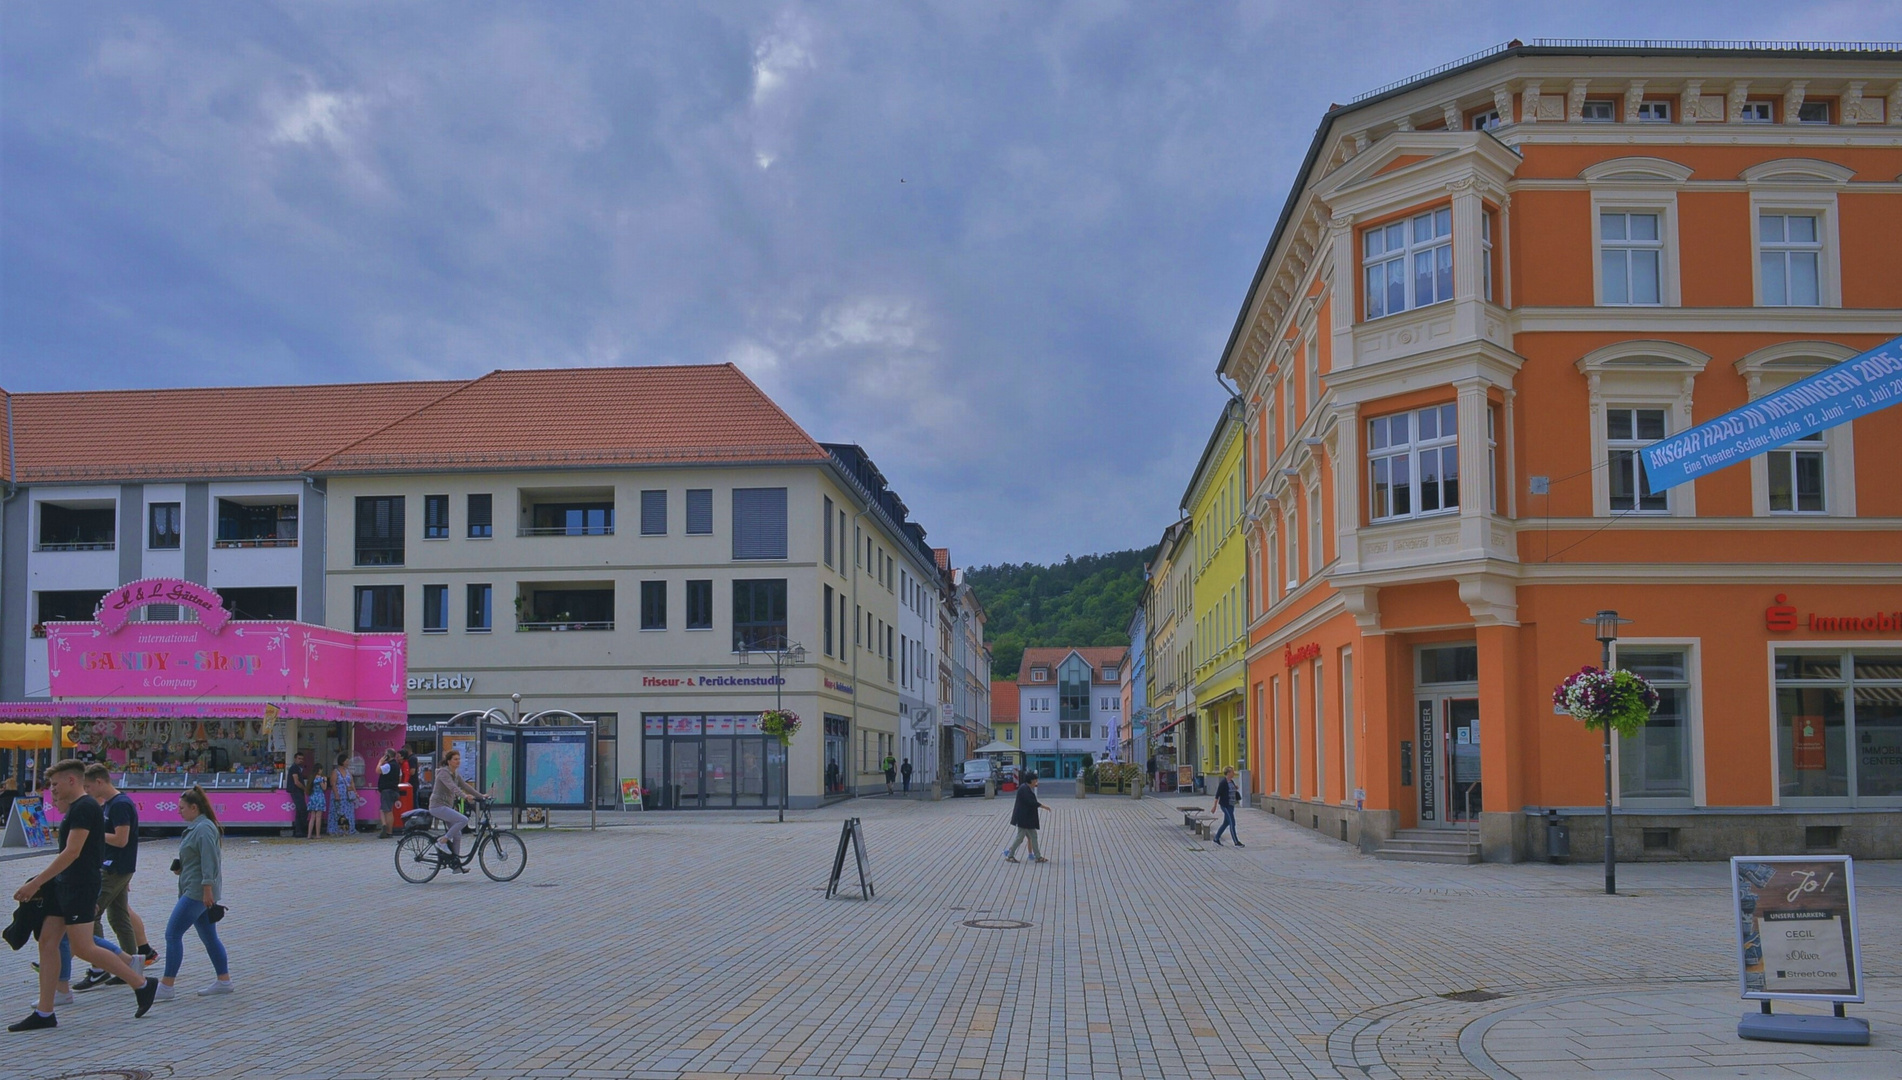 Marktplatz in Meiningen, 2 (la plaza mayor en Meiningen, 2)